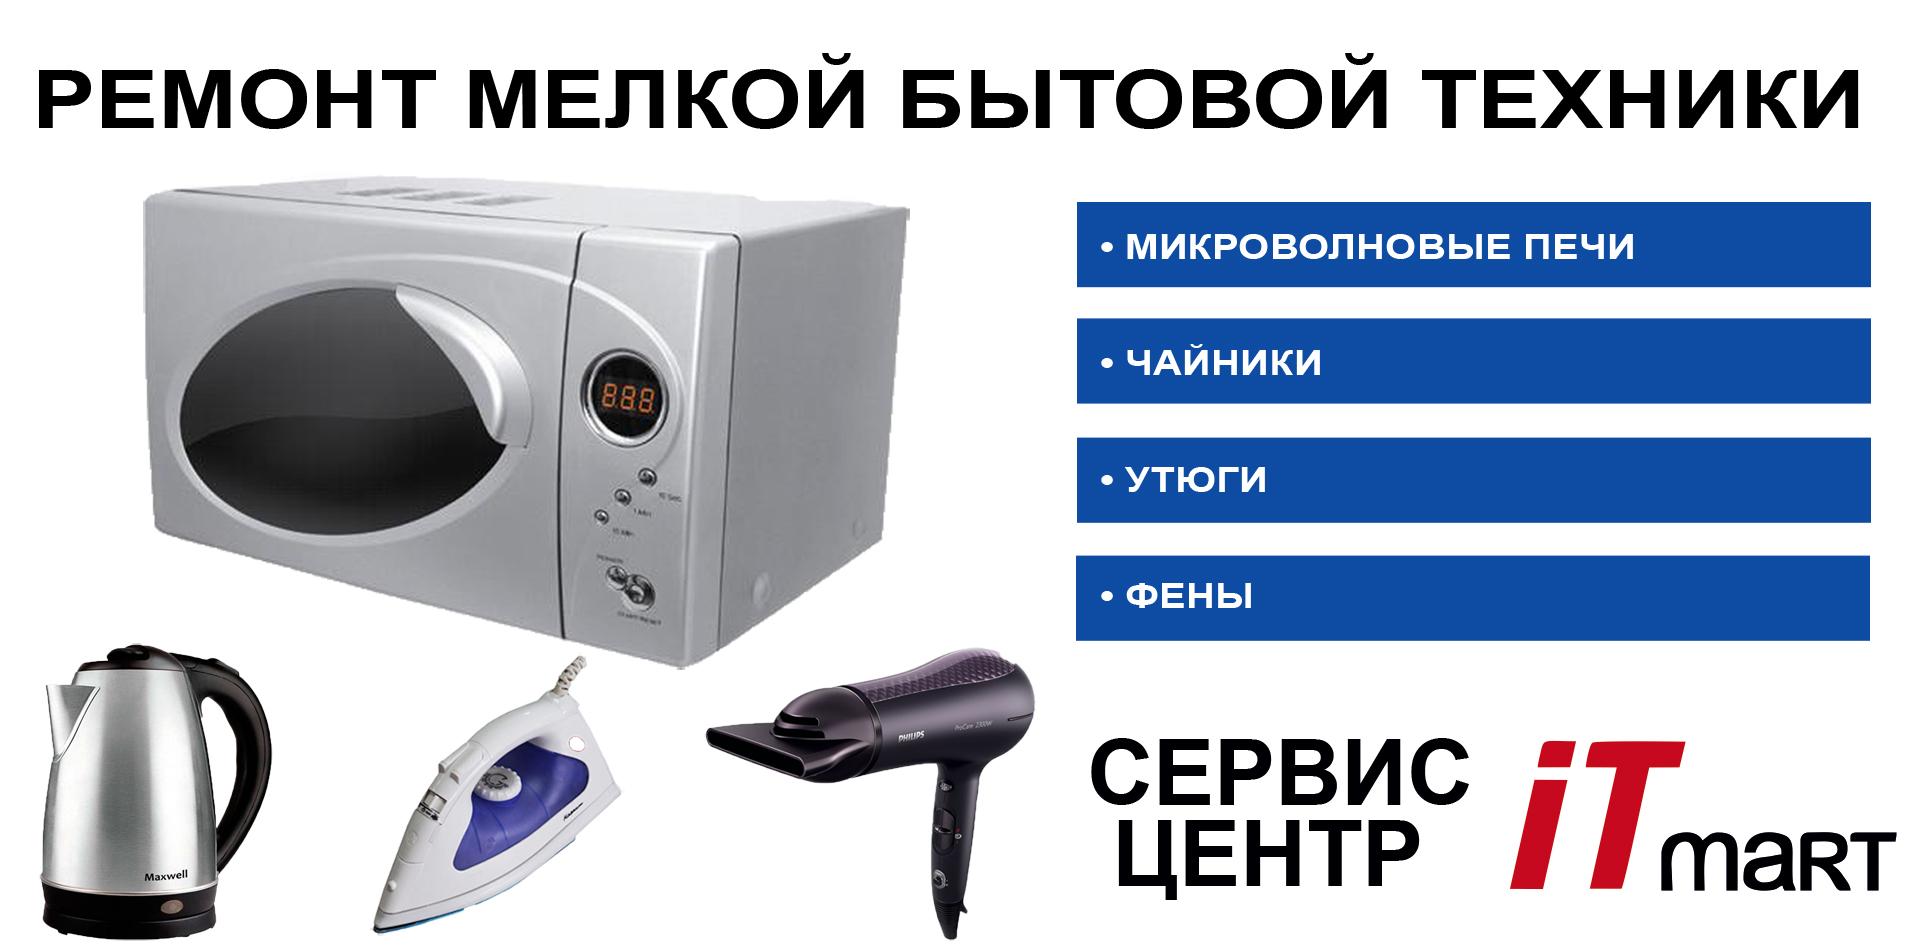 РЕМОНТ МЕЛКО БЫТОВОЙ ТЕХНИКИ